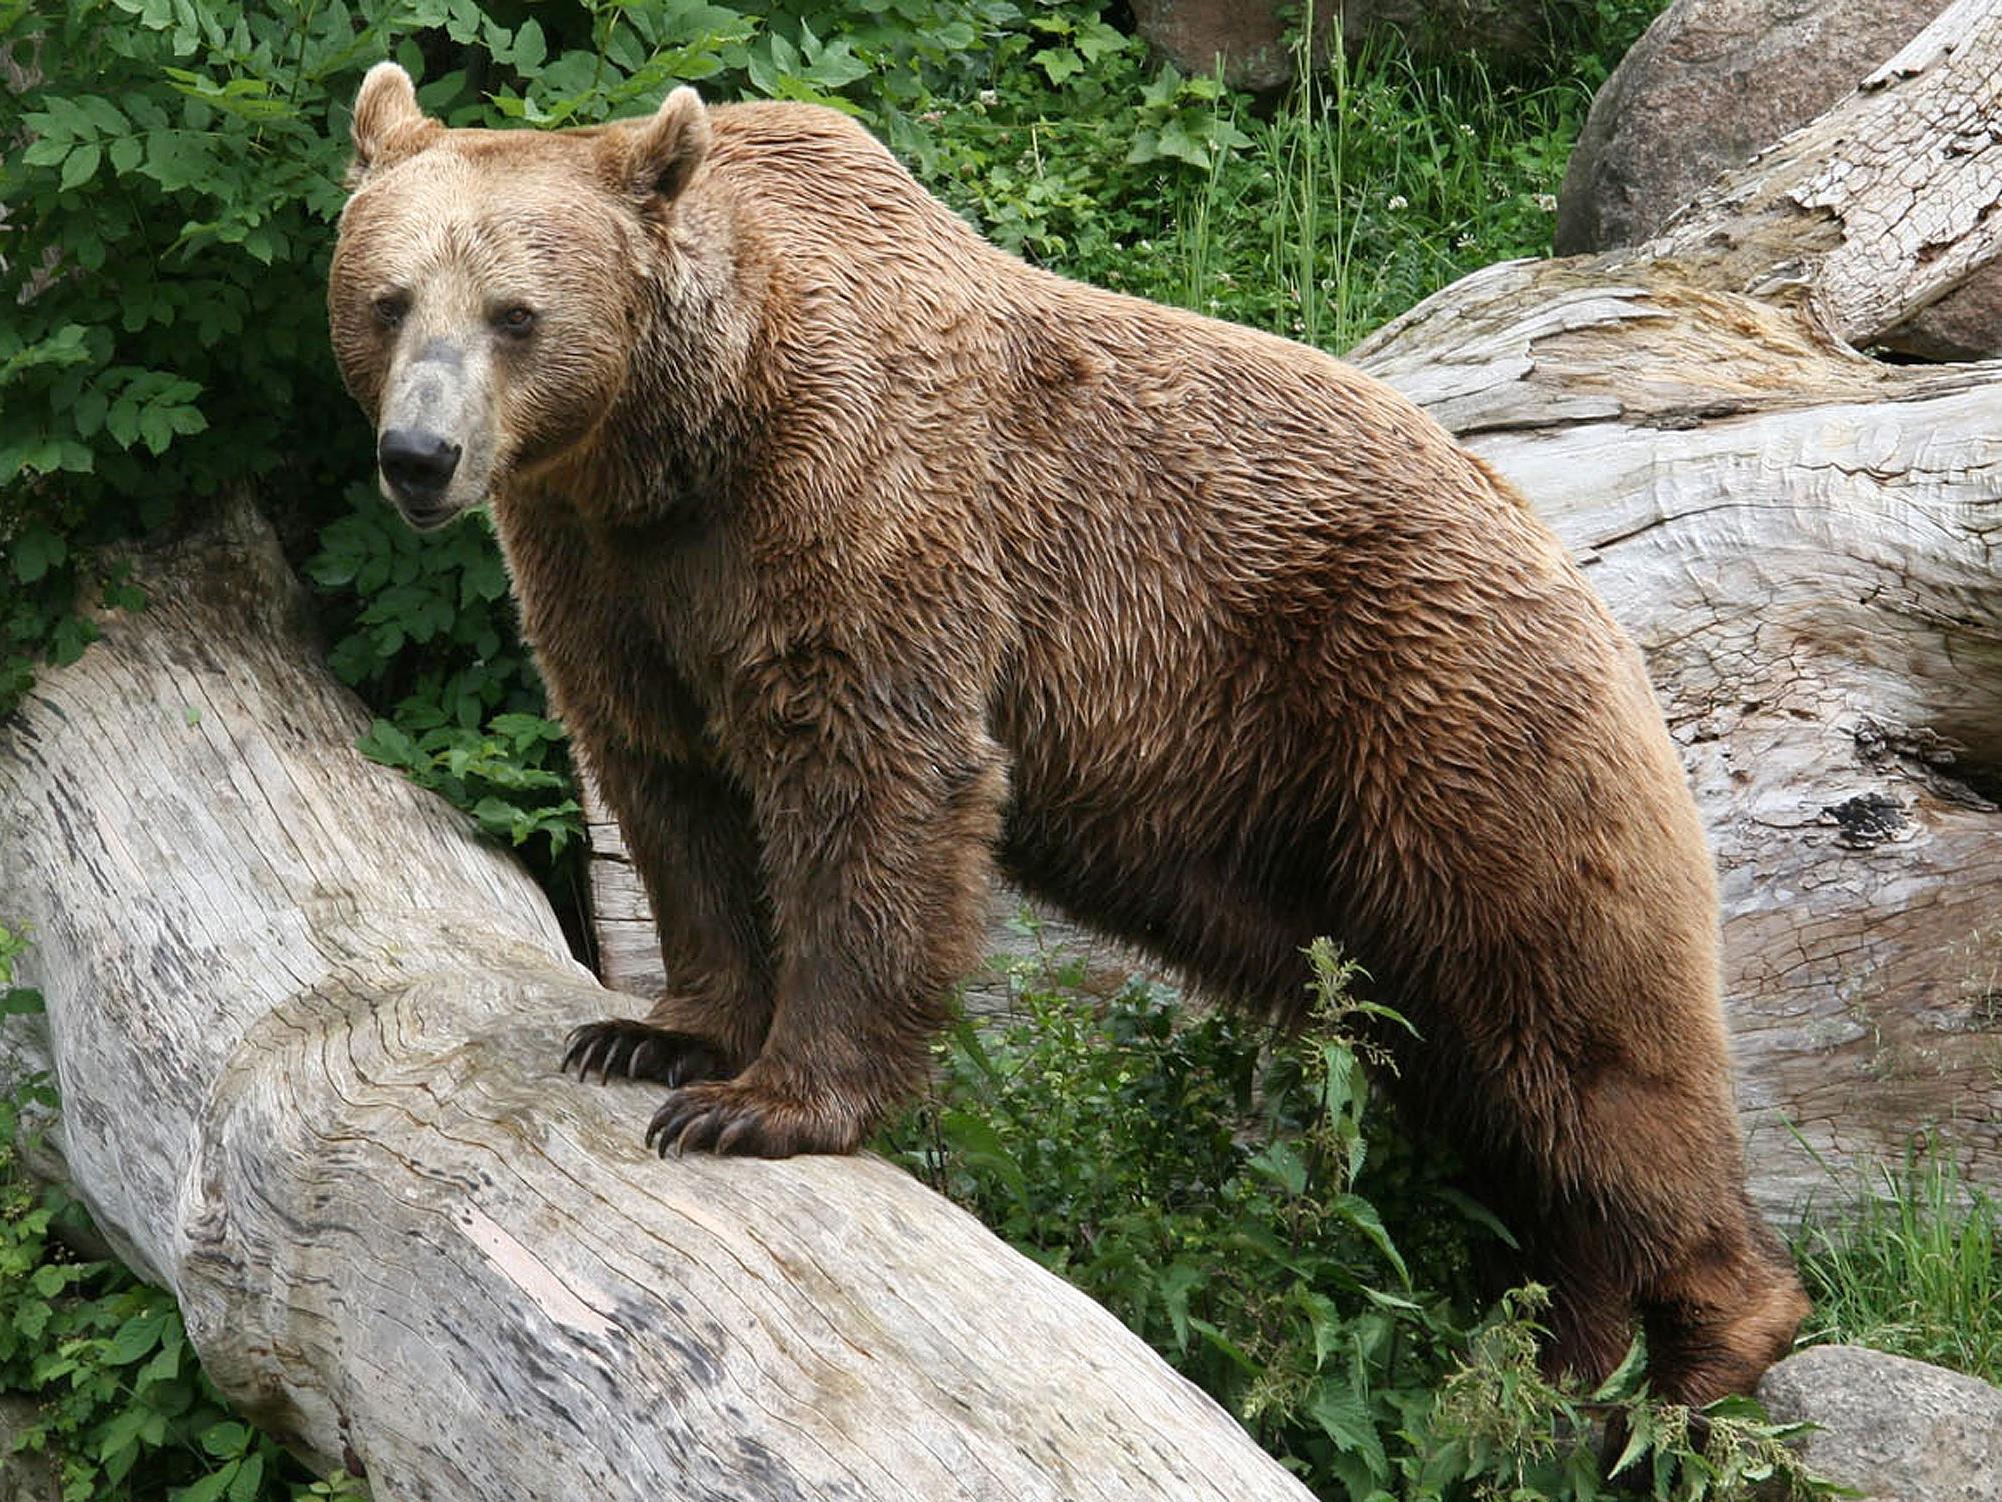 Über 30 Braunbären gibt es in der Region.